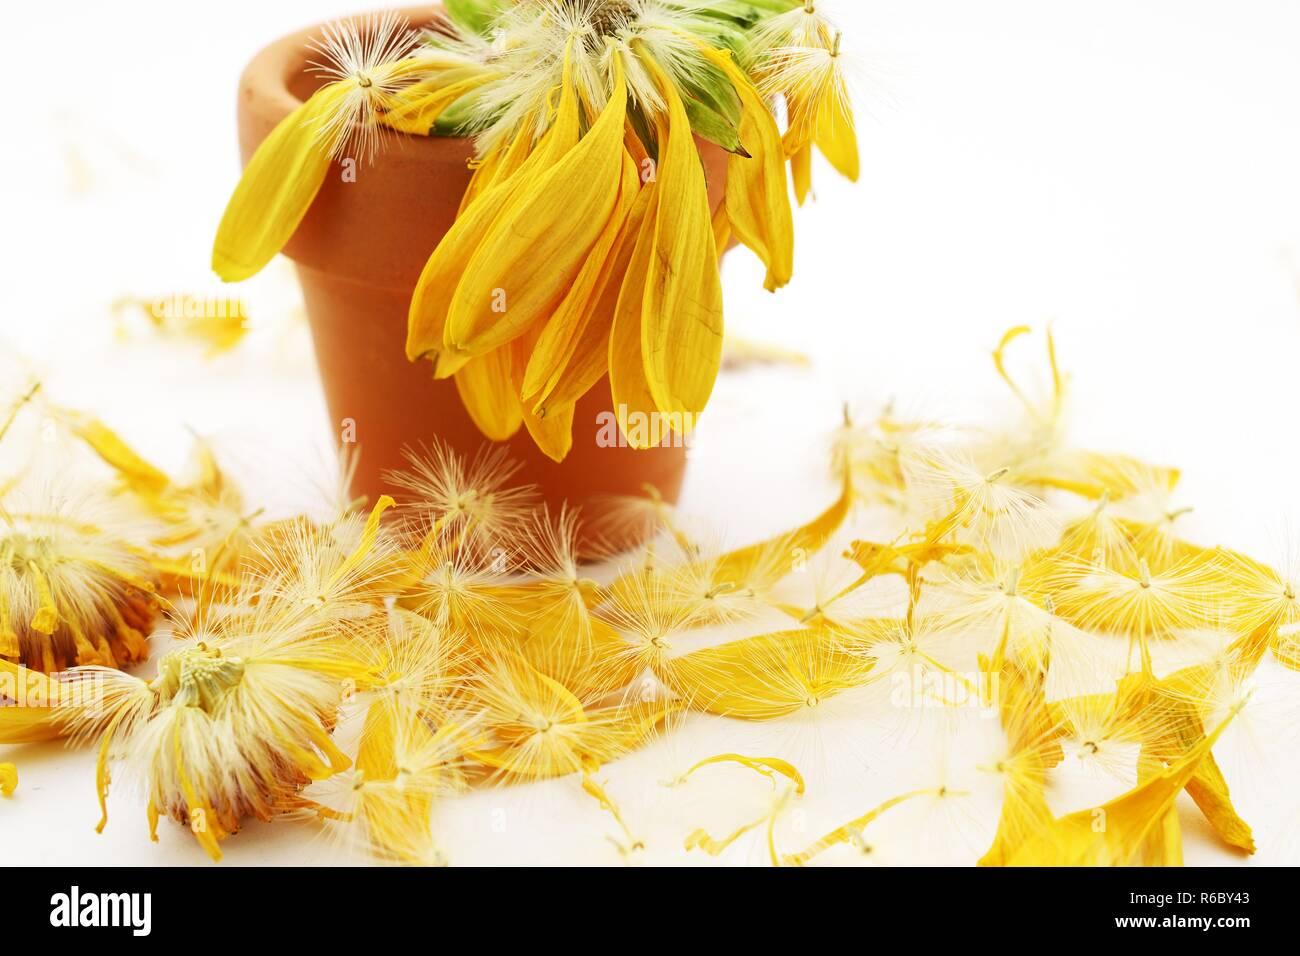 Verblasst und geduscht gelbe Blume in einem Tontopf Stockfoto